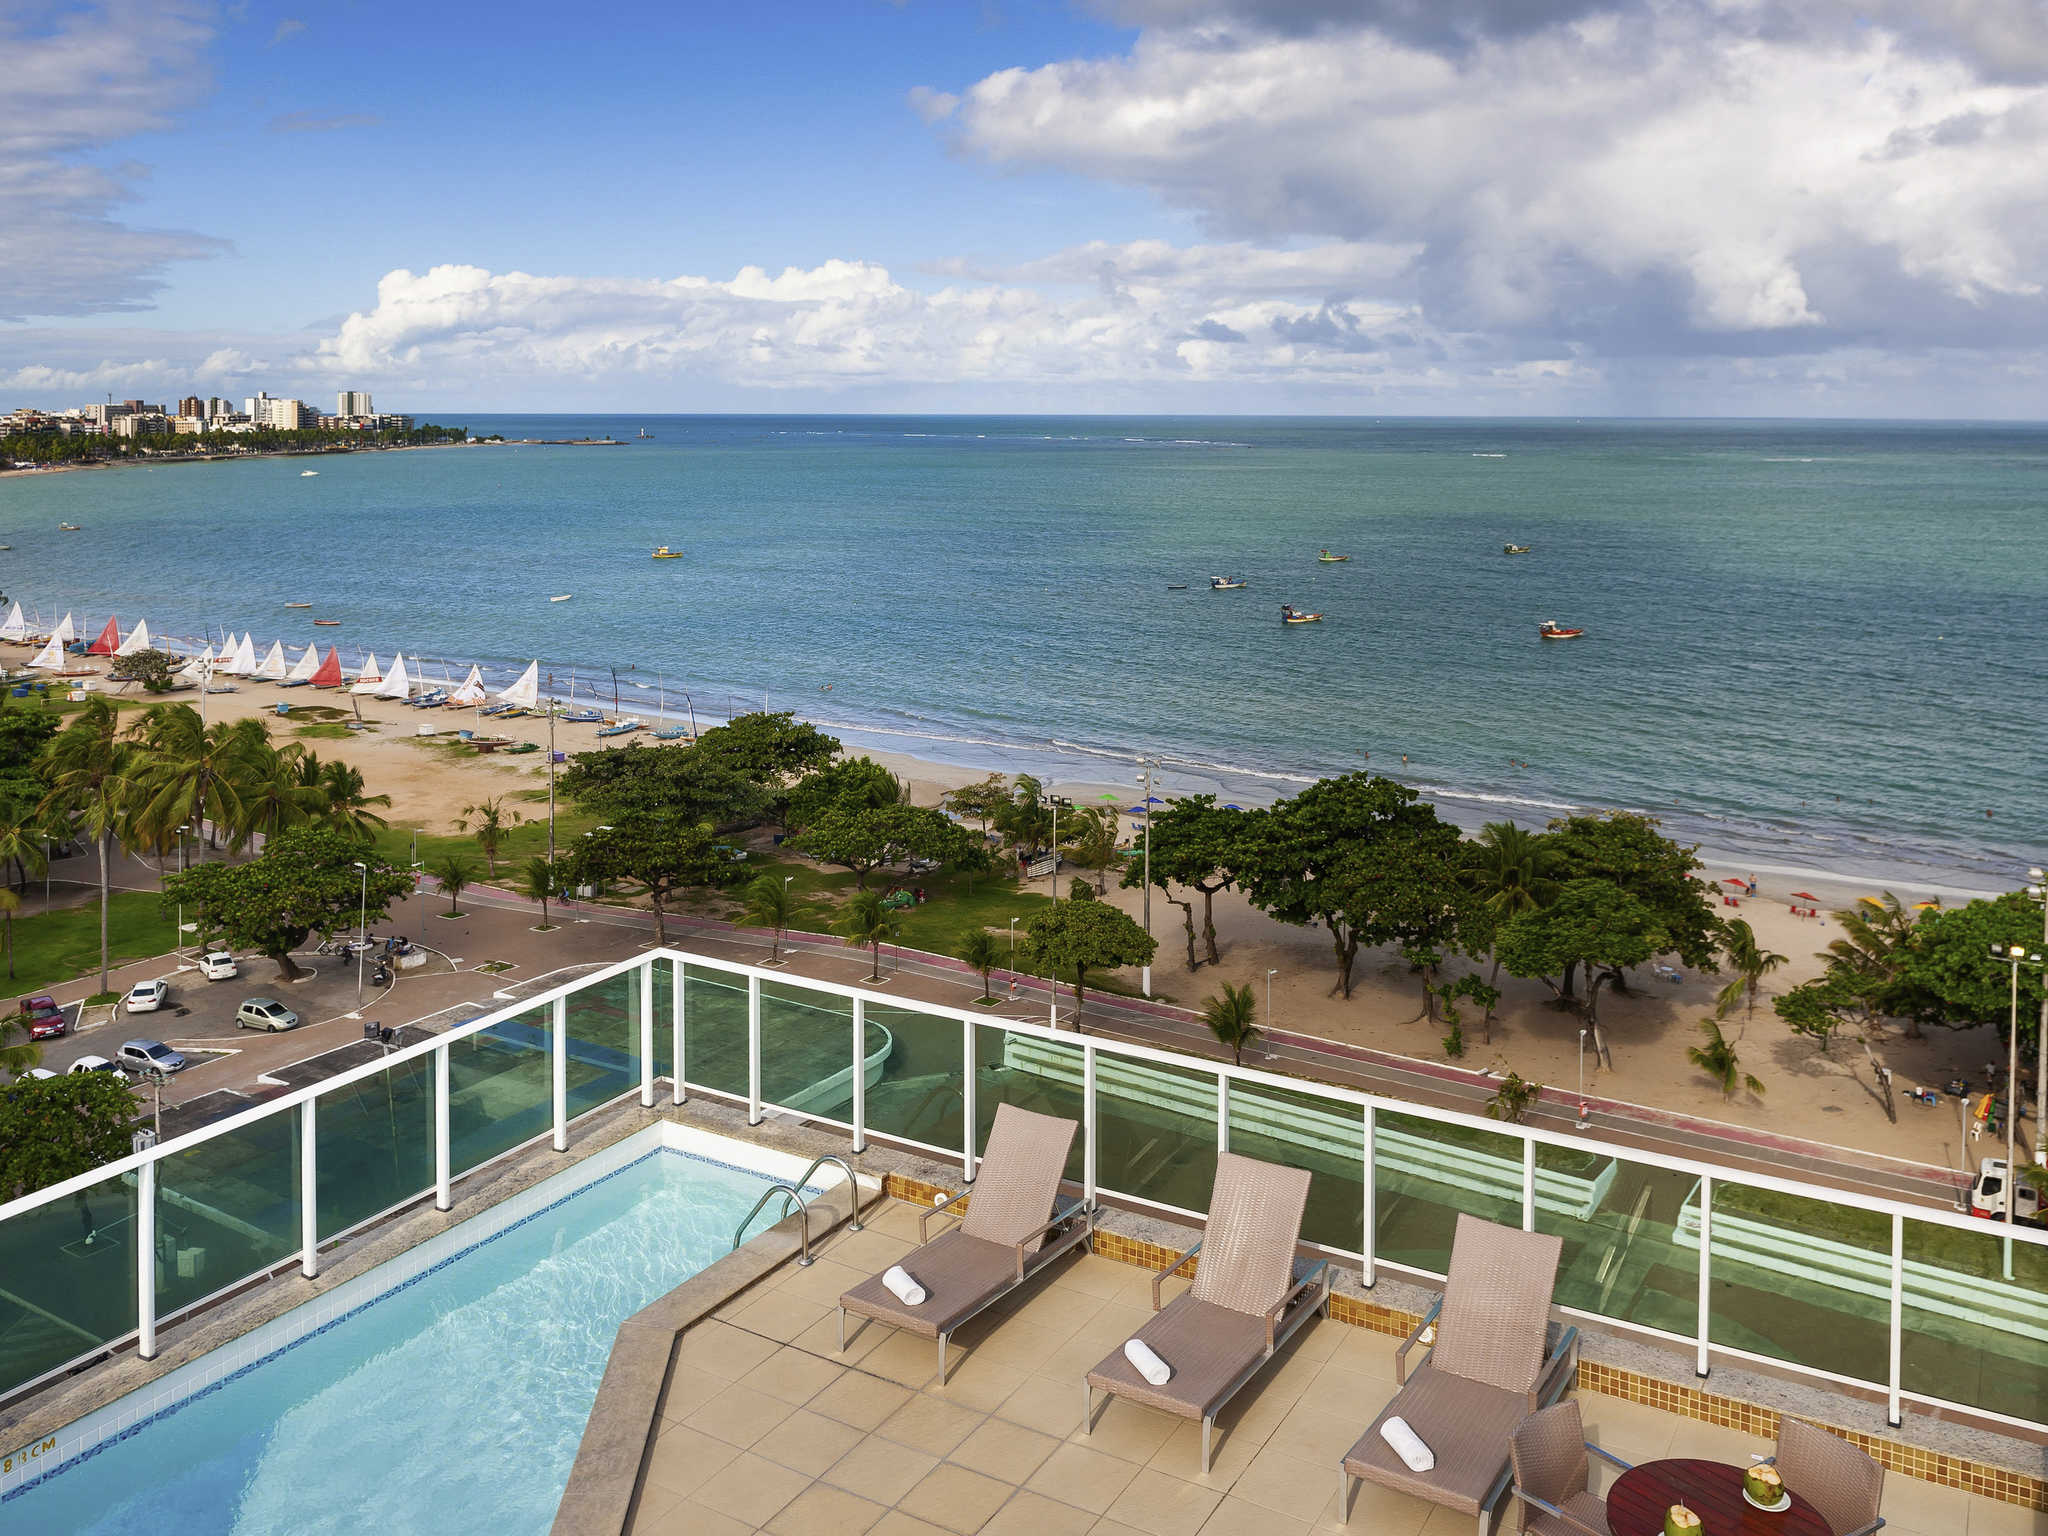 酒店 – 马赛约帕尤卡拉海滩美居酒店